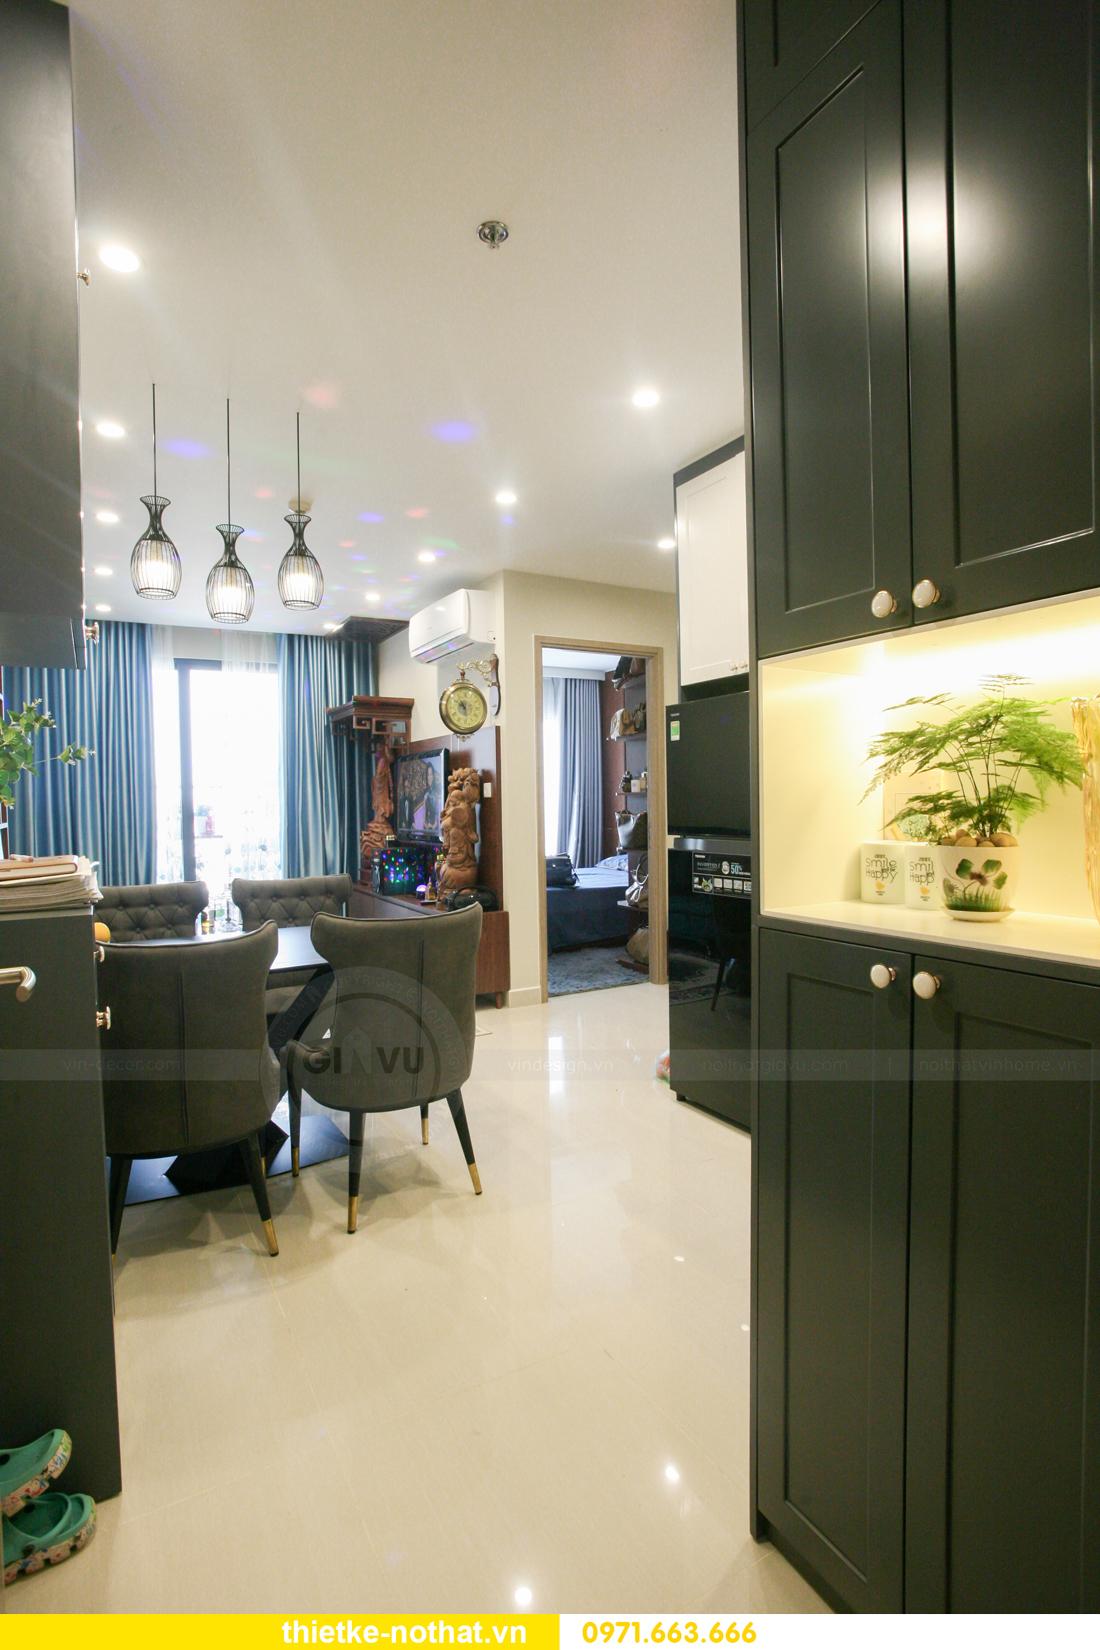 thi công nội thất căn hộ Vinhomes Smart City nhà anh Hân 1